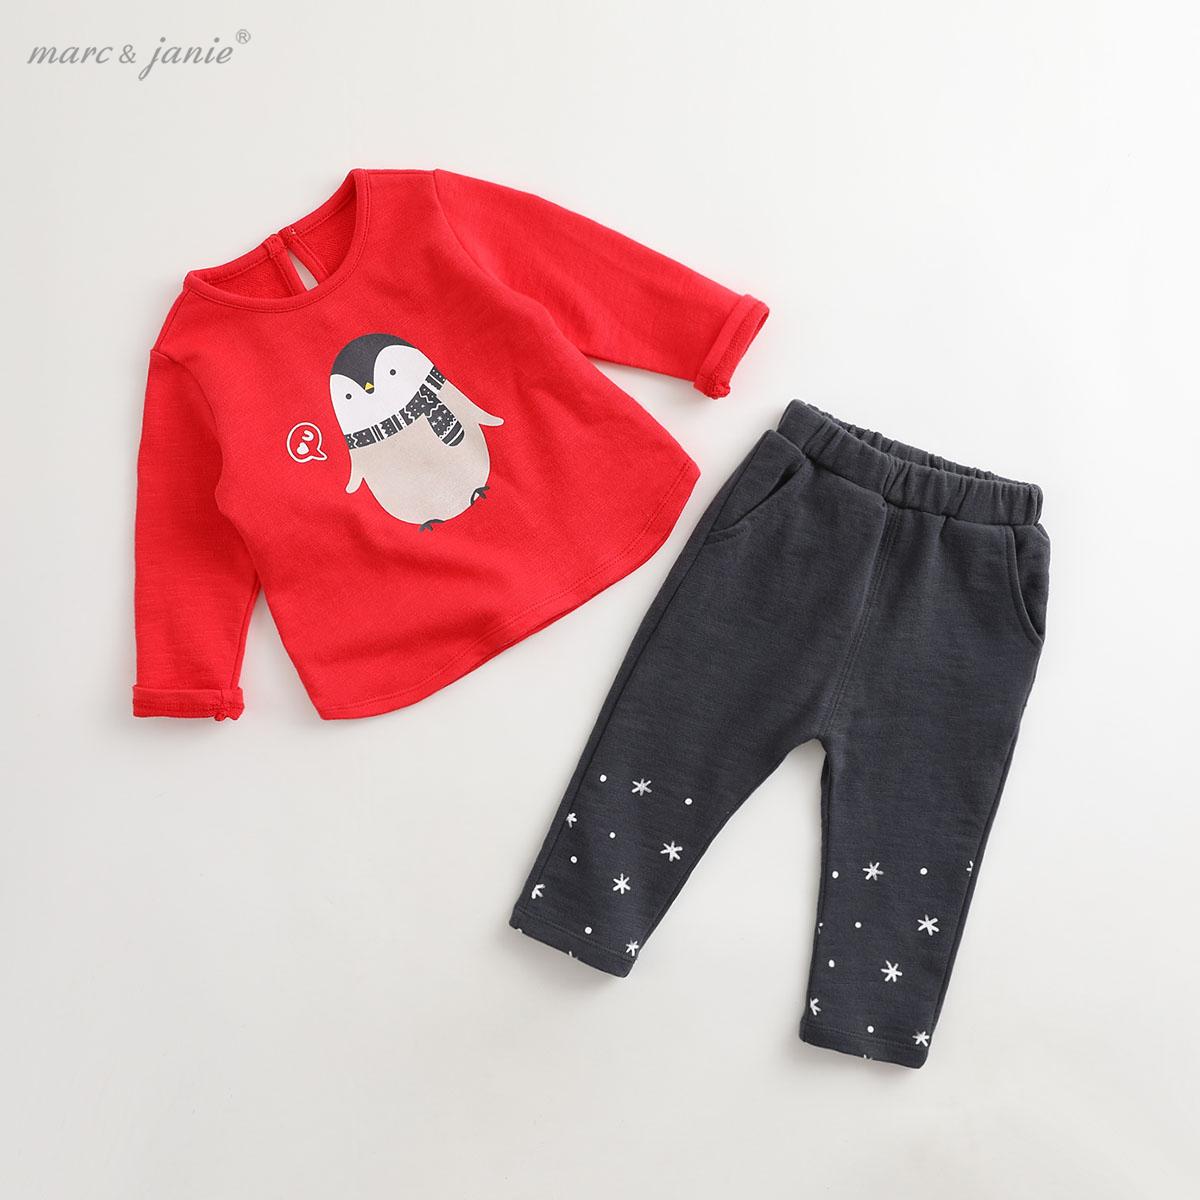 馬克珍妮秋裝男女童內衣套裝嬰兒寶寶秋衣秋褲81053